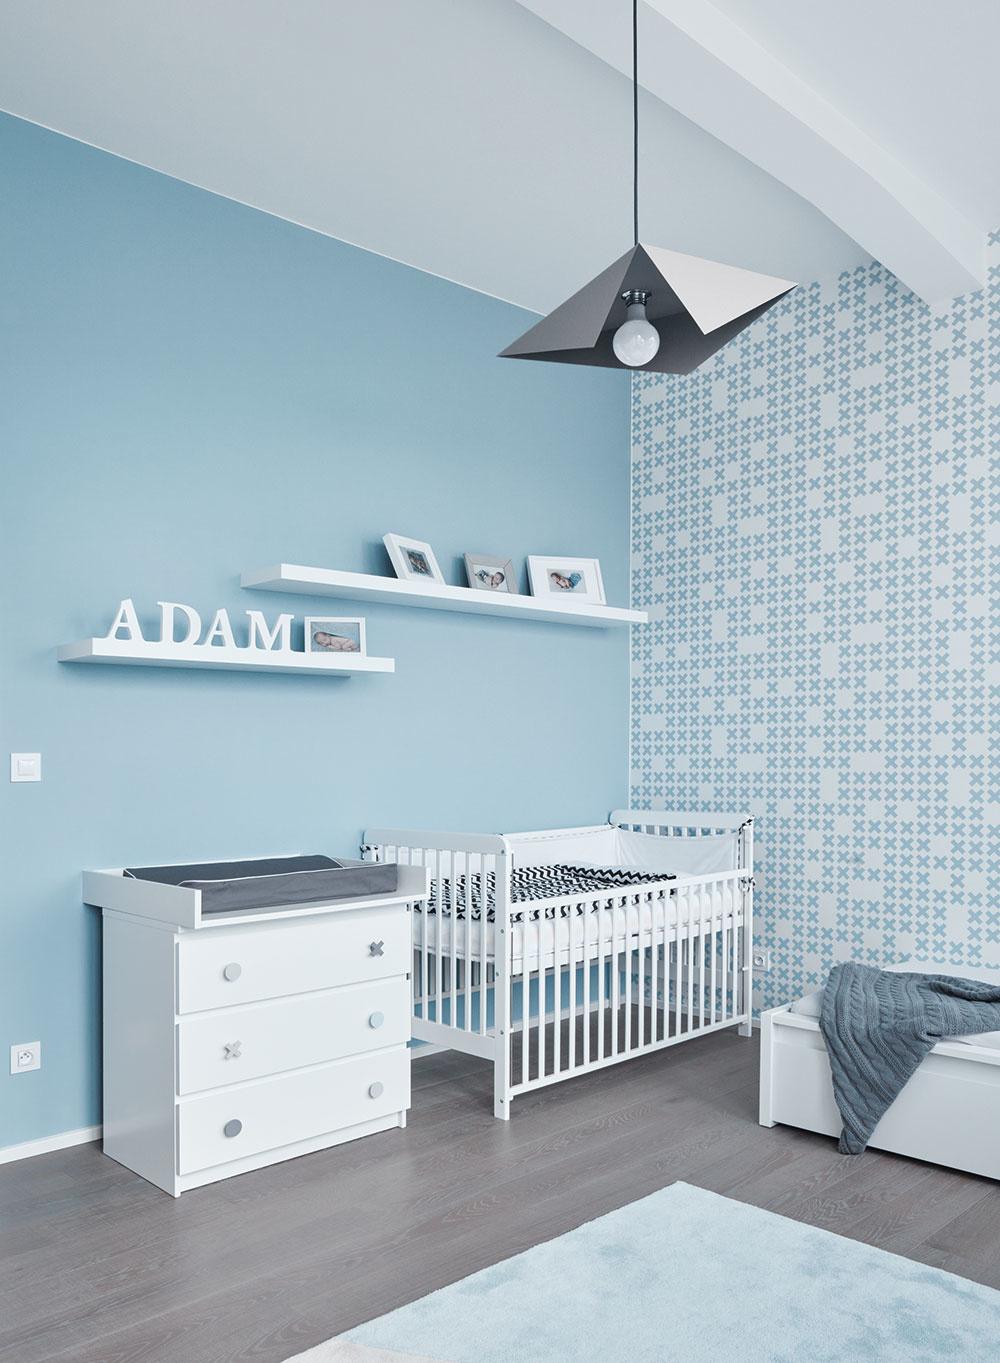 Detskej izbe vládne striedmosť, zjemnená príjemným svetlým odtieňom modrej ajednoduchým geometrickým vzorom na tapete.